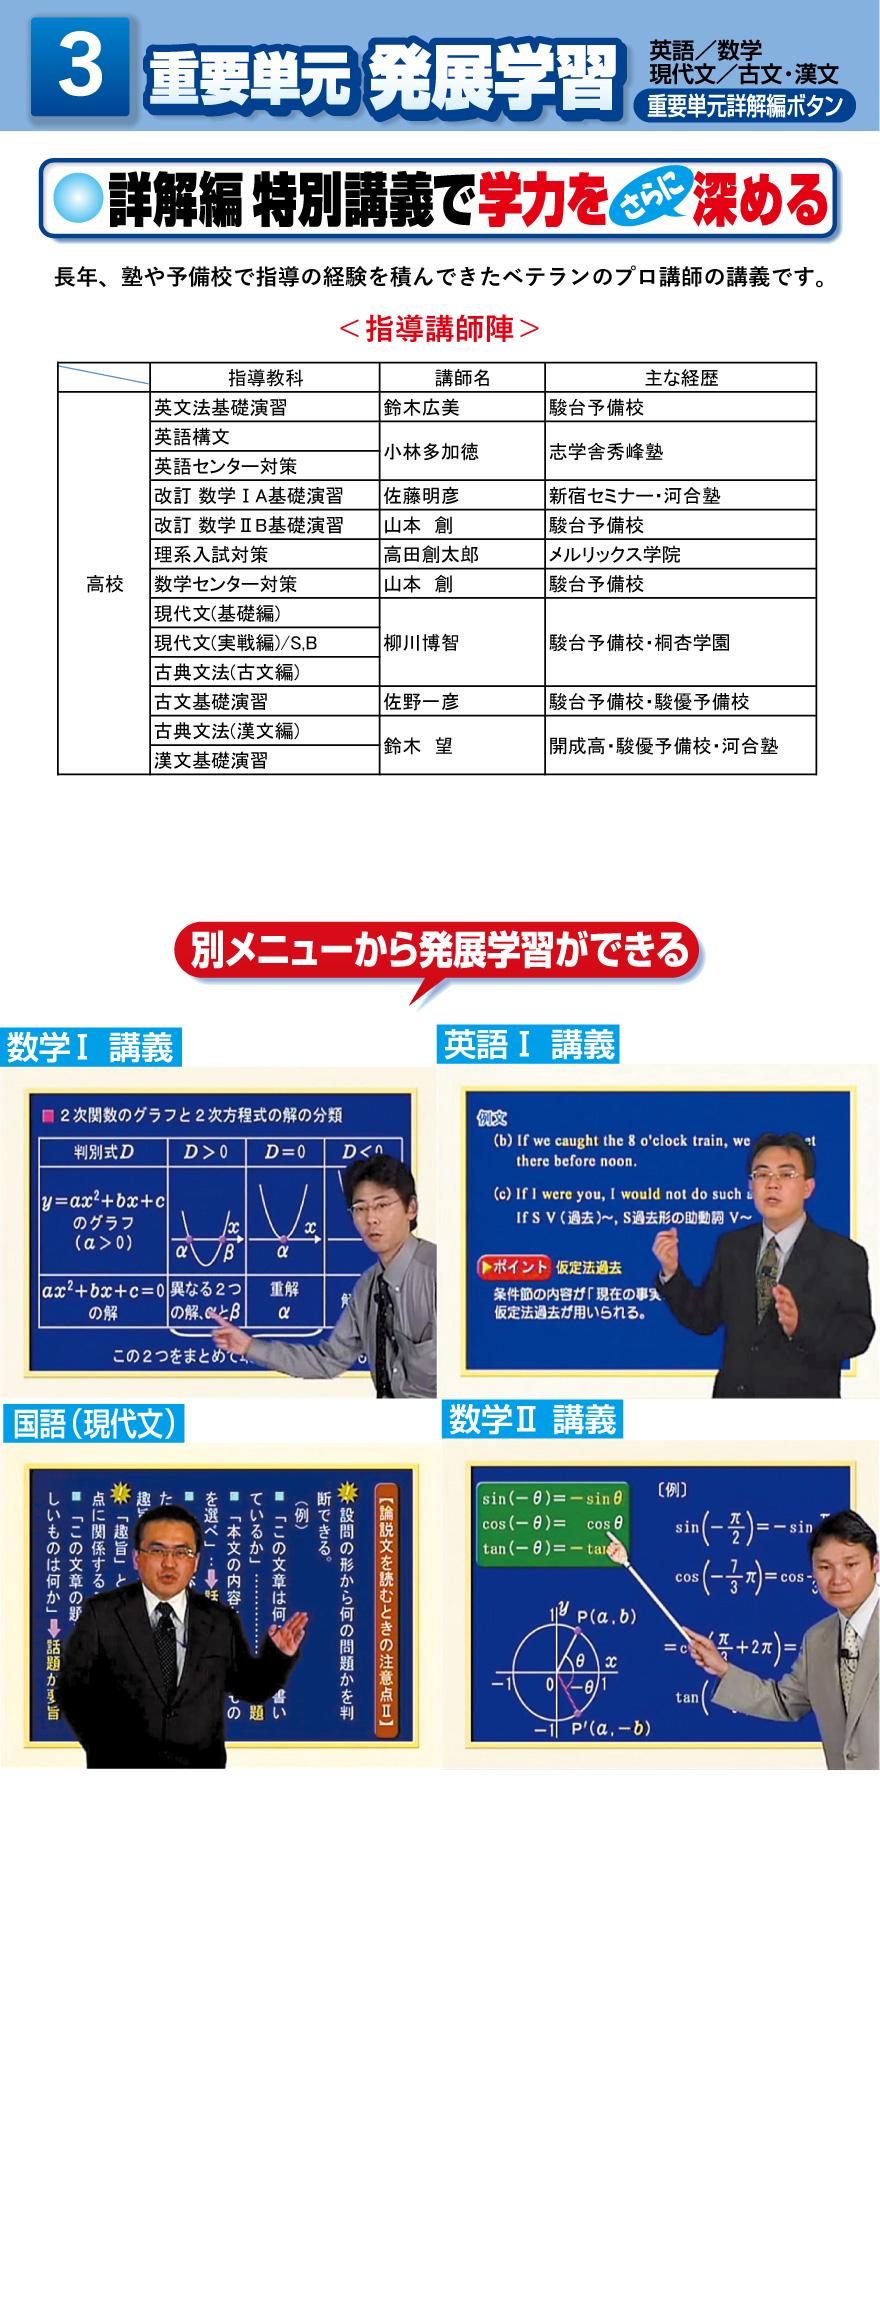 p47_pro_koukousei_kyoukashotaiou01